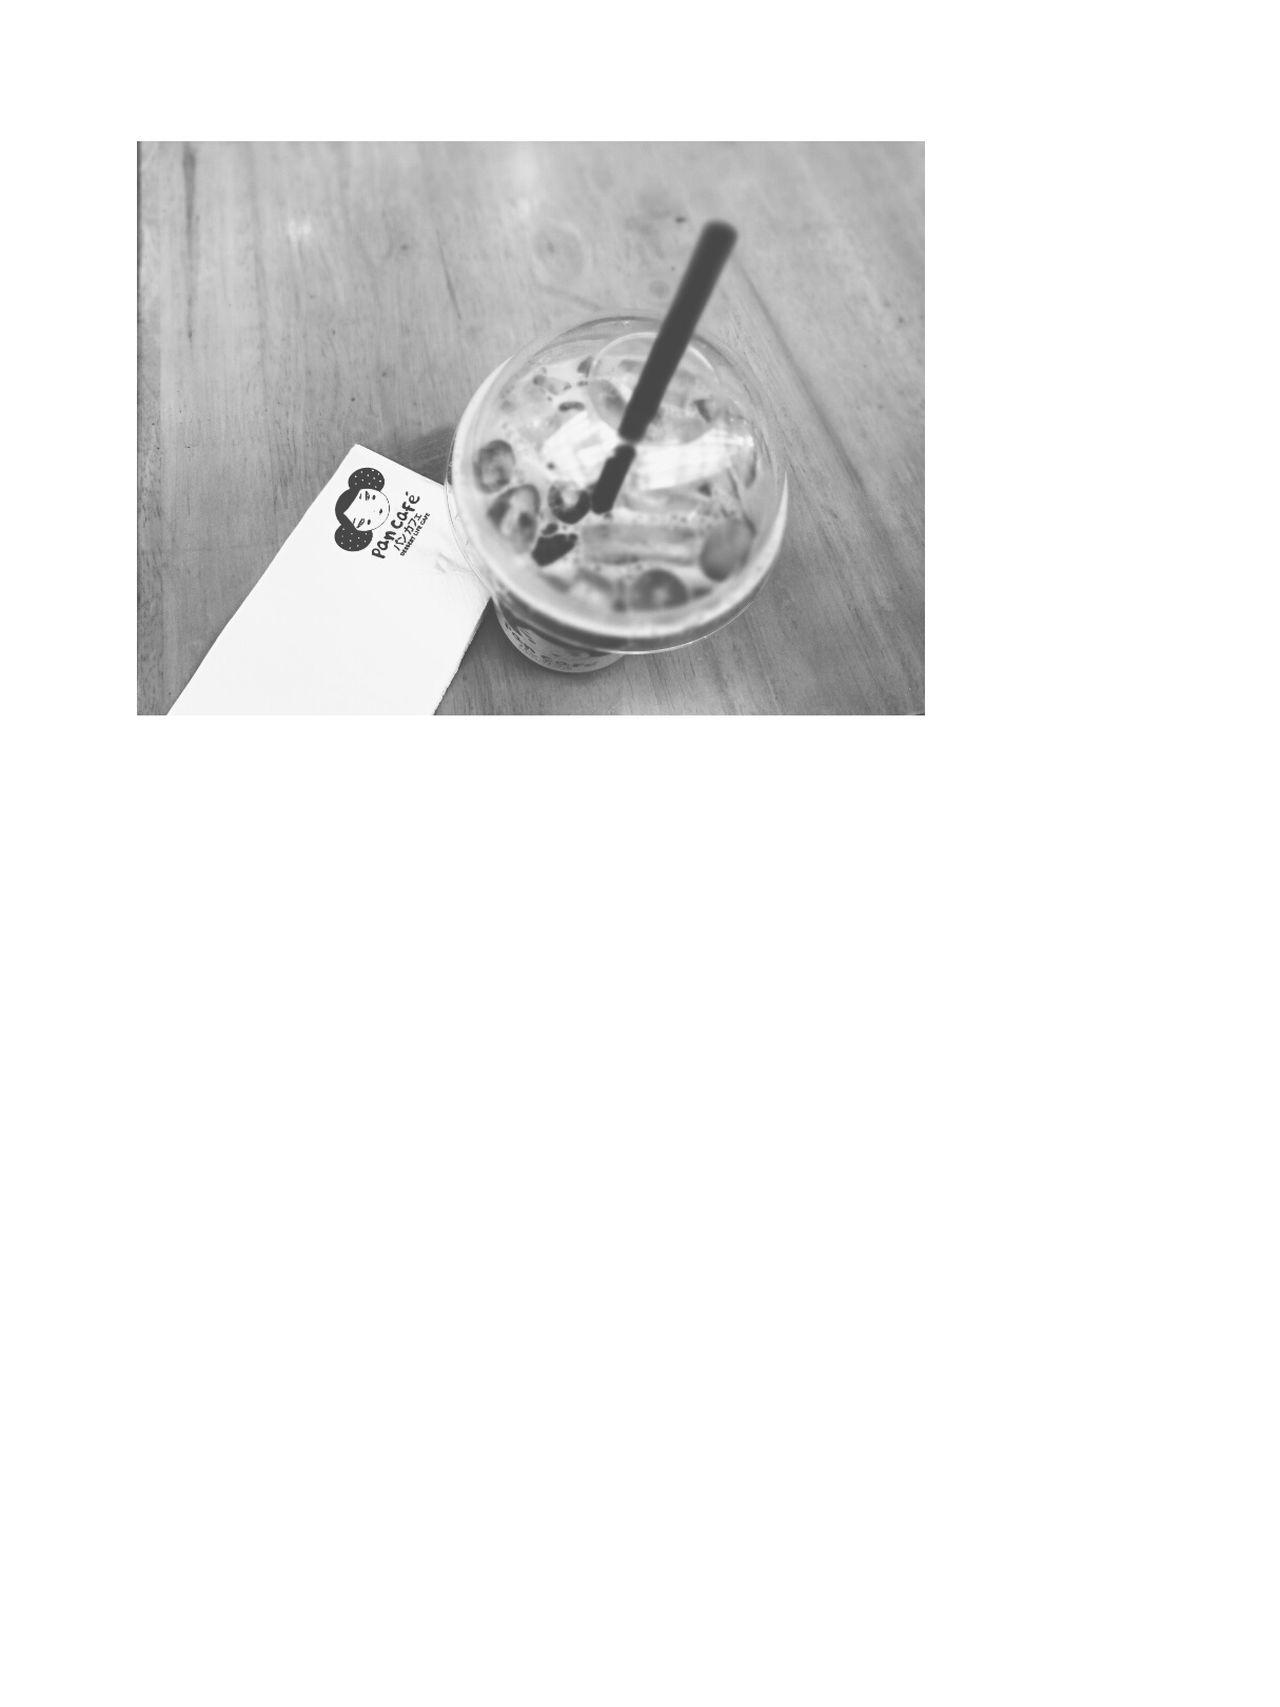 Kafe 1 Coffe Eholic